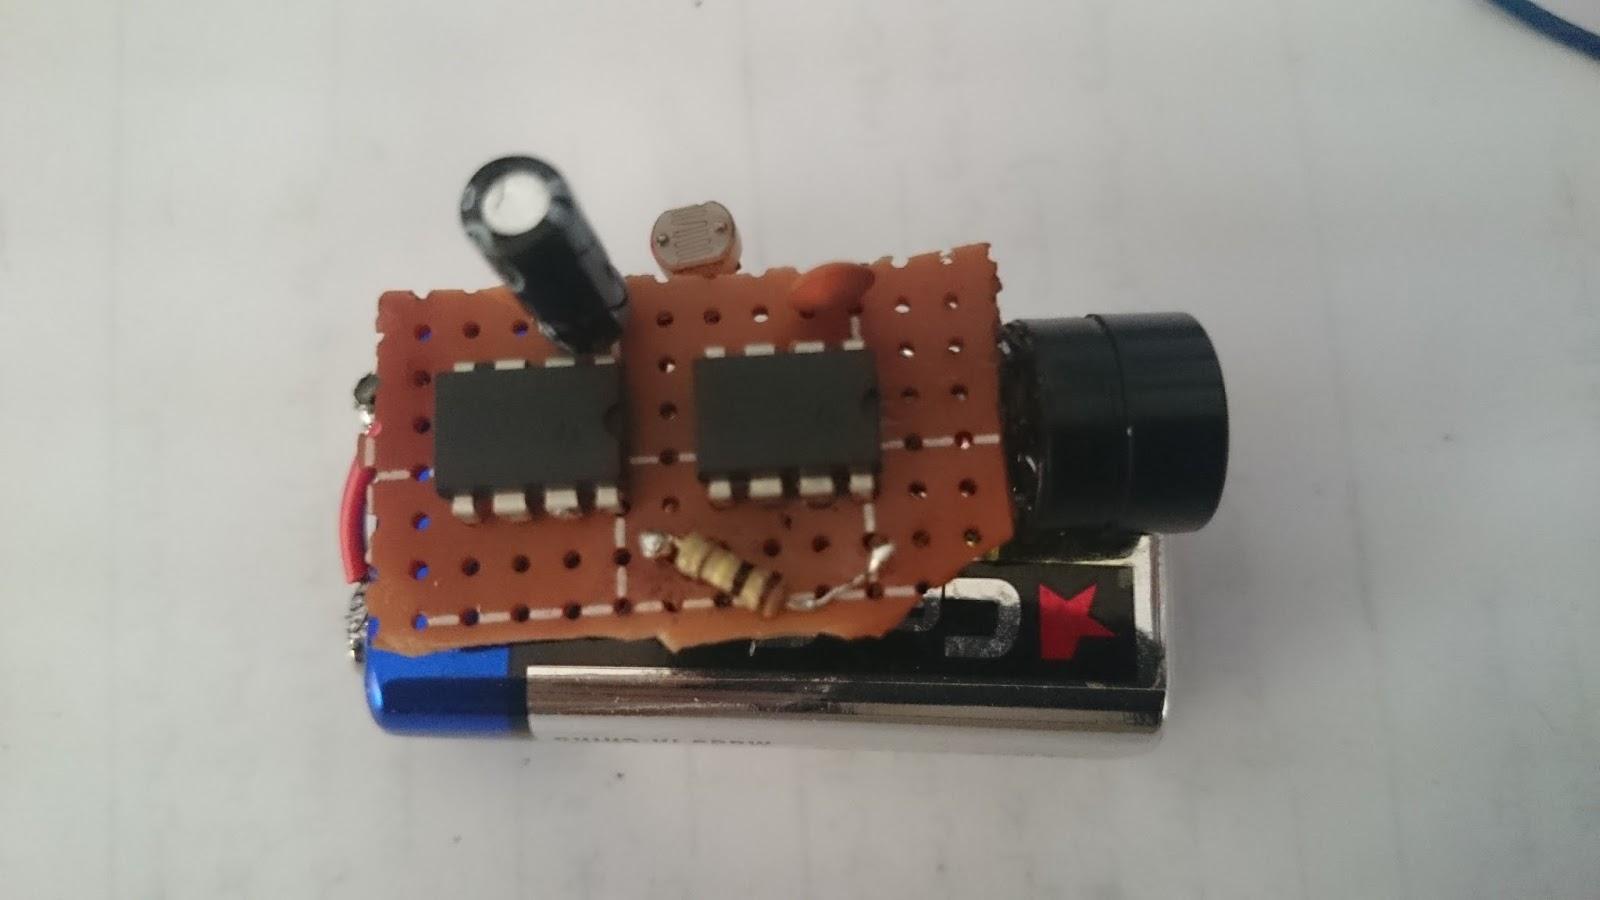 Fridge Door Alarm Circuit With Delay Time